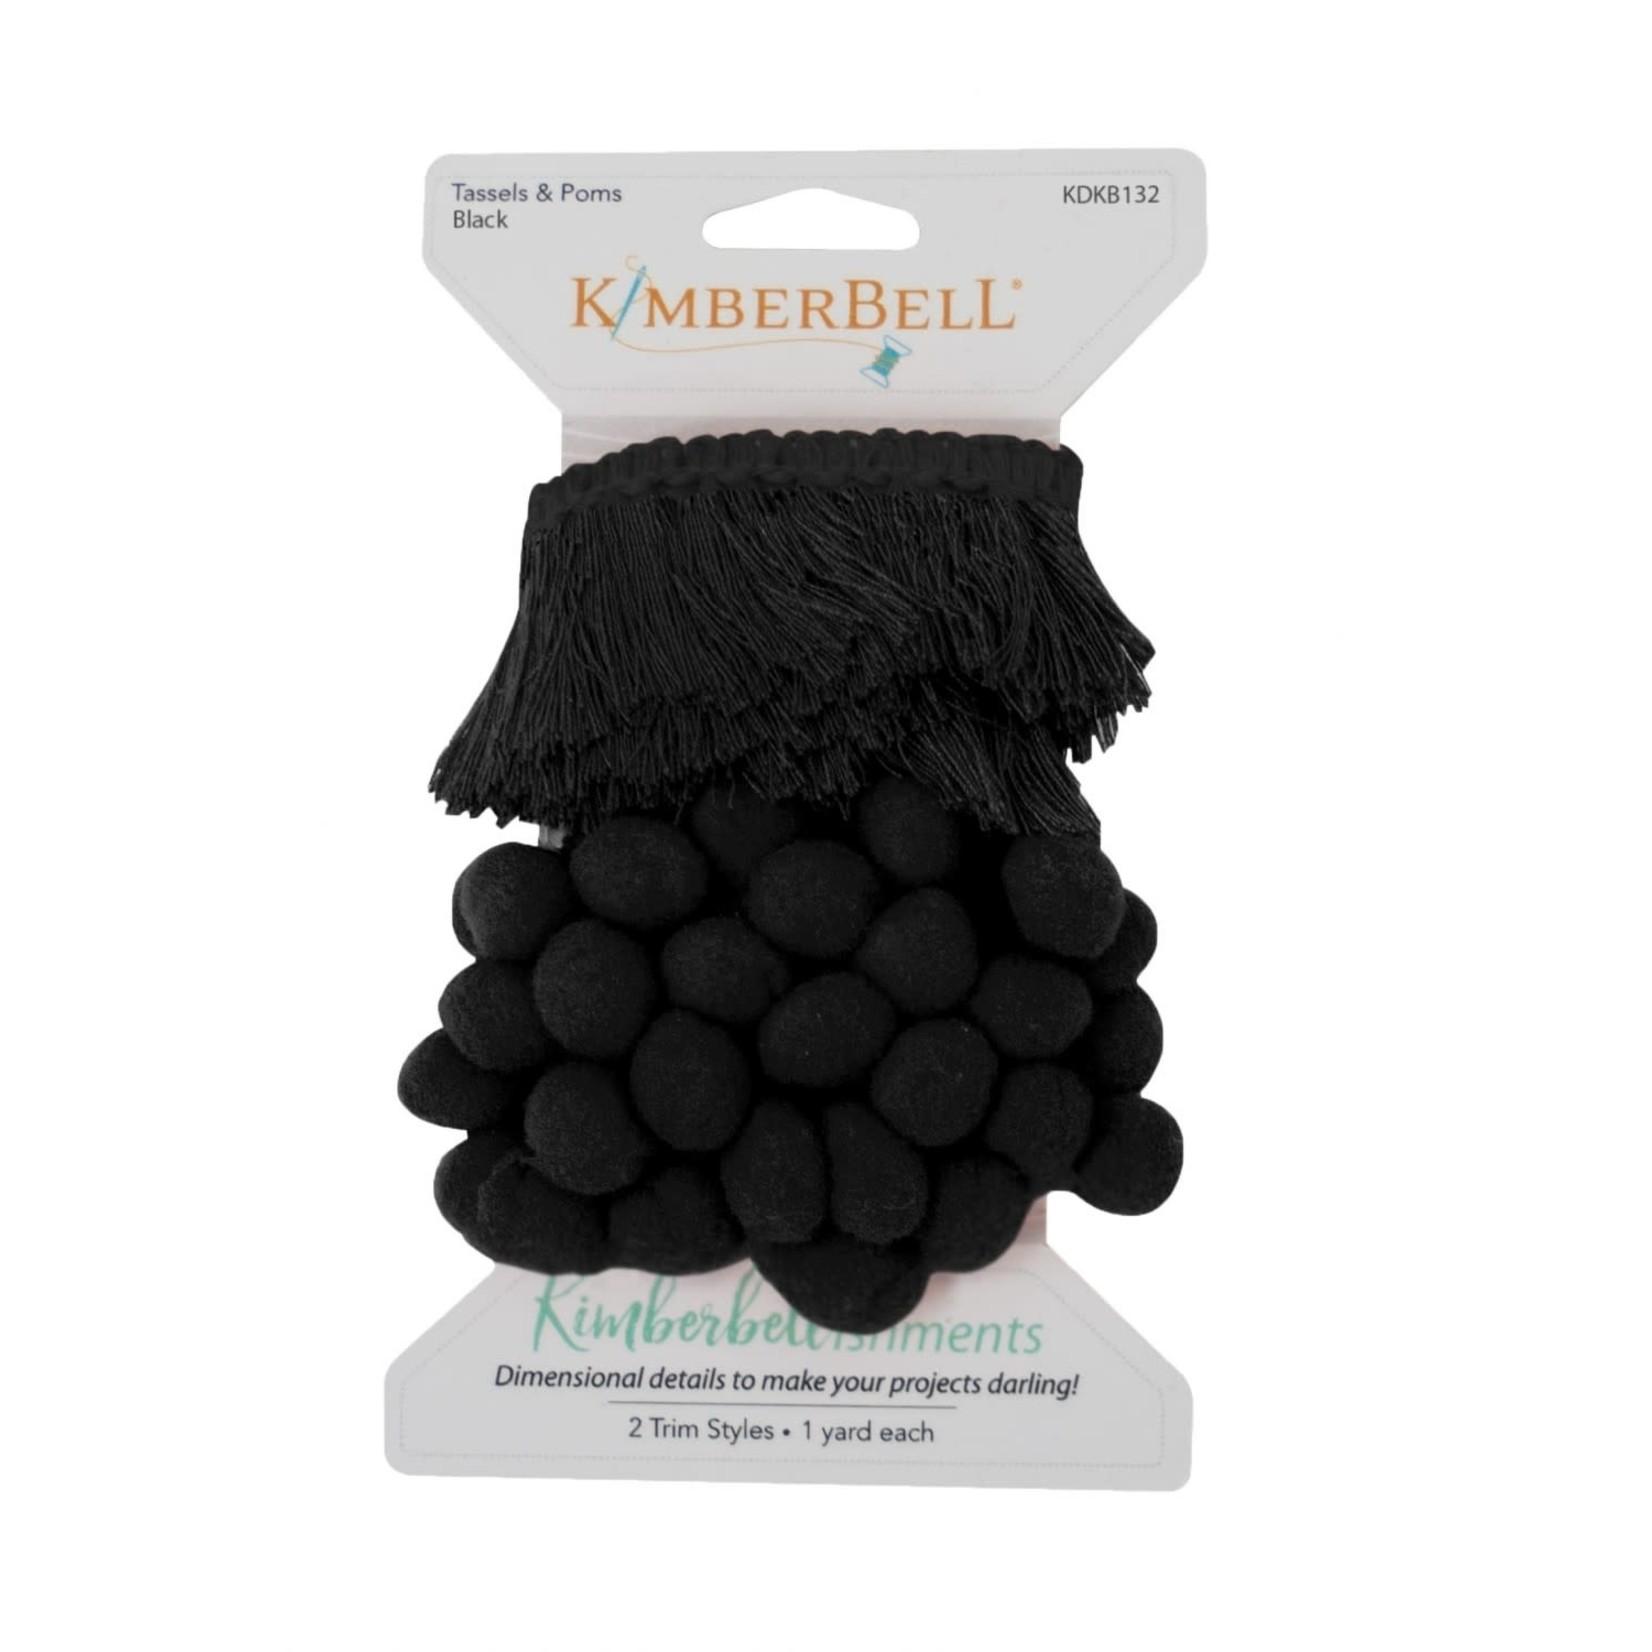 Kimberbell Designs Tassels & Poms Trim, Black